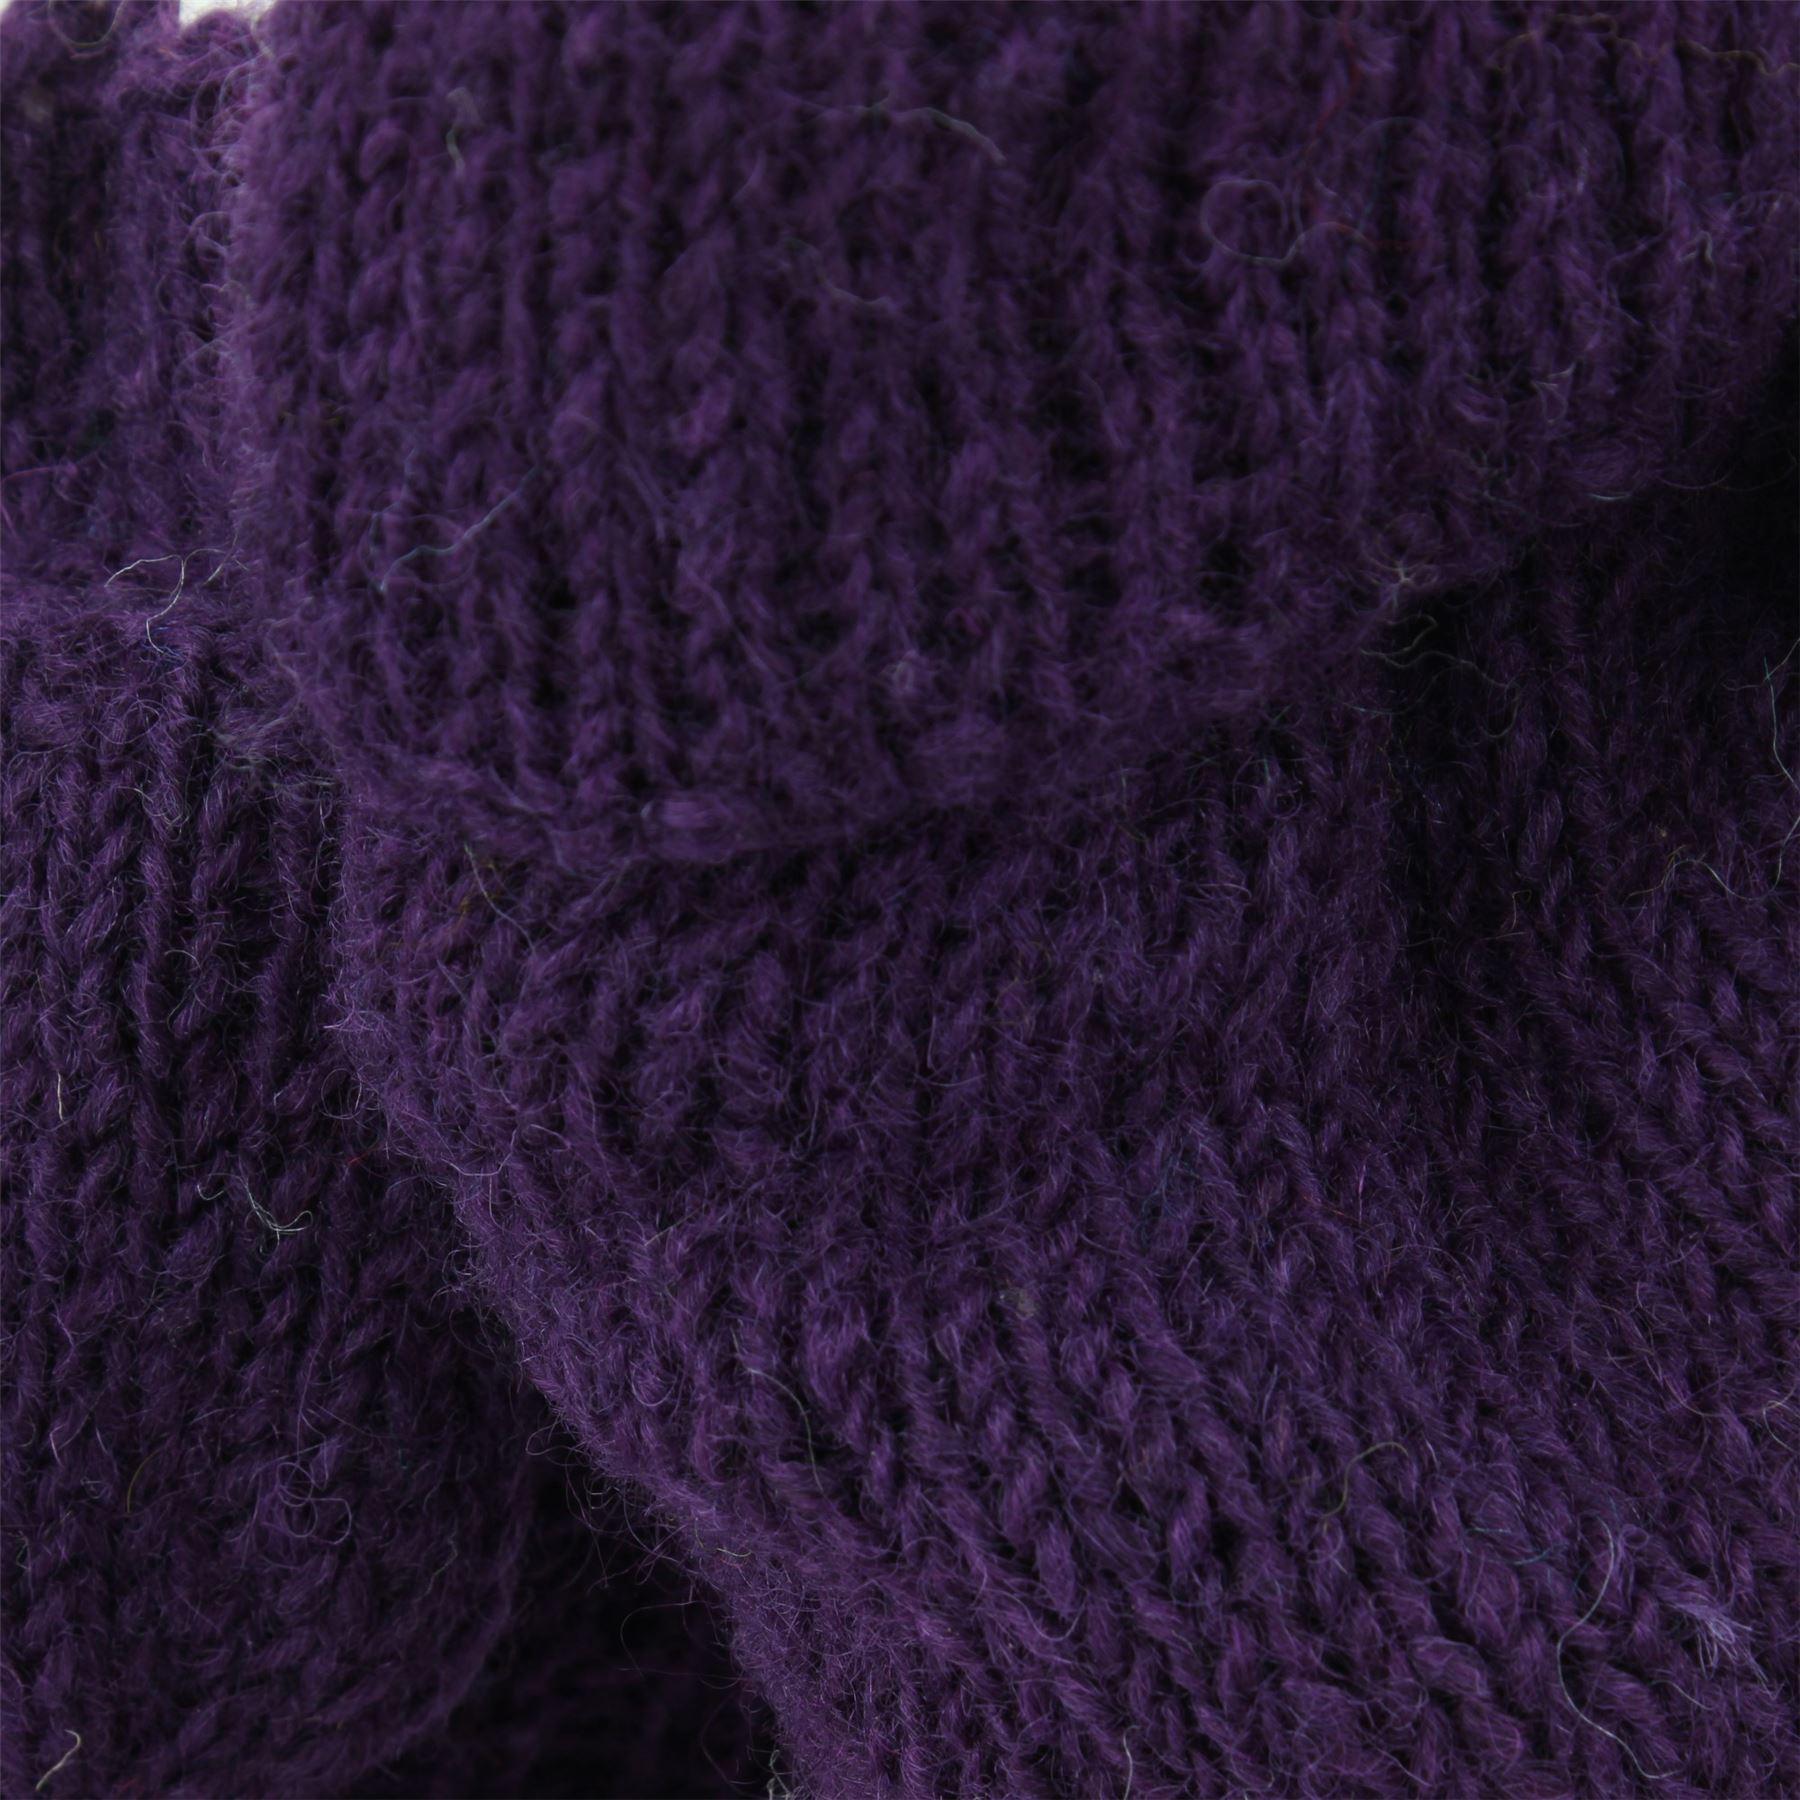 Wool-Gloves-Mittens-Fingerless-Shooter-Lined-PLAIN-Knit-Handmade-LoudElephant miniatura 13